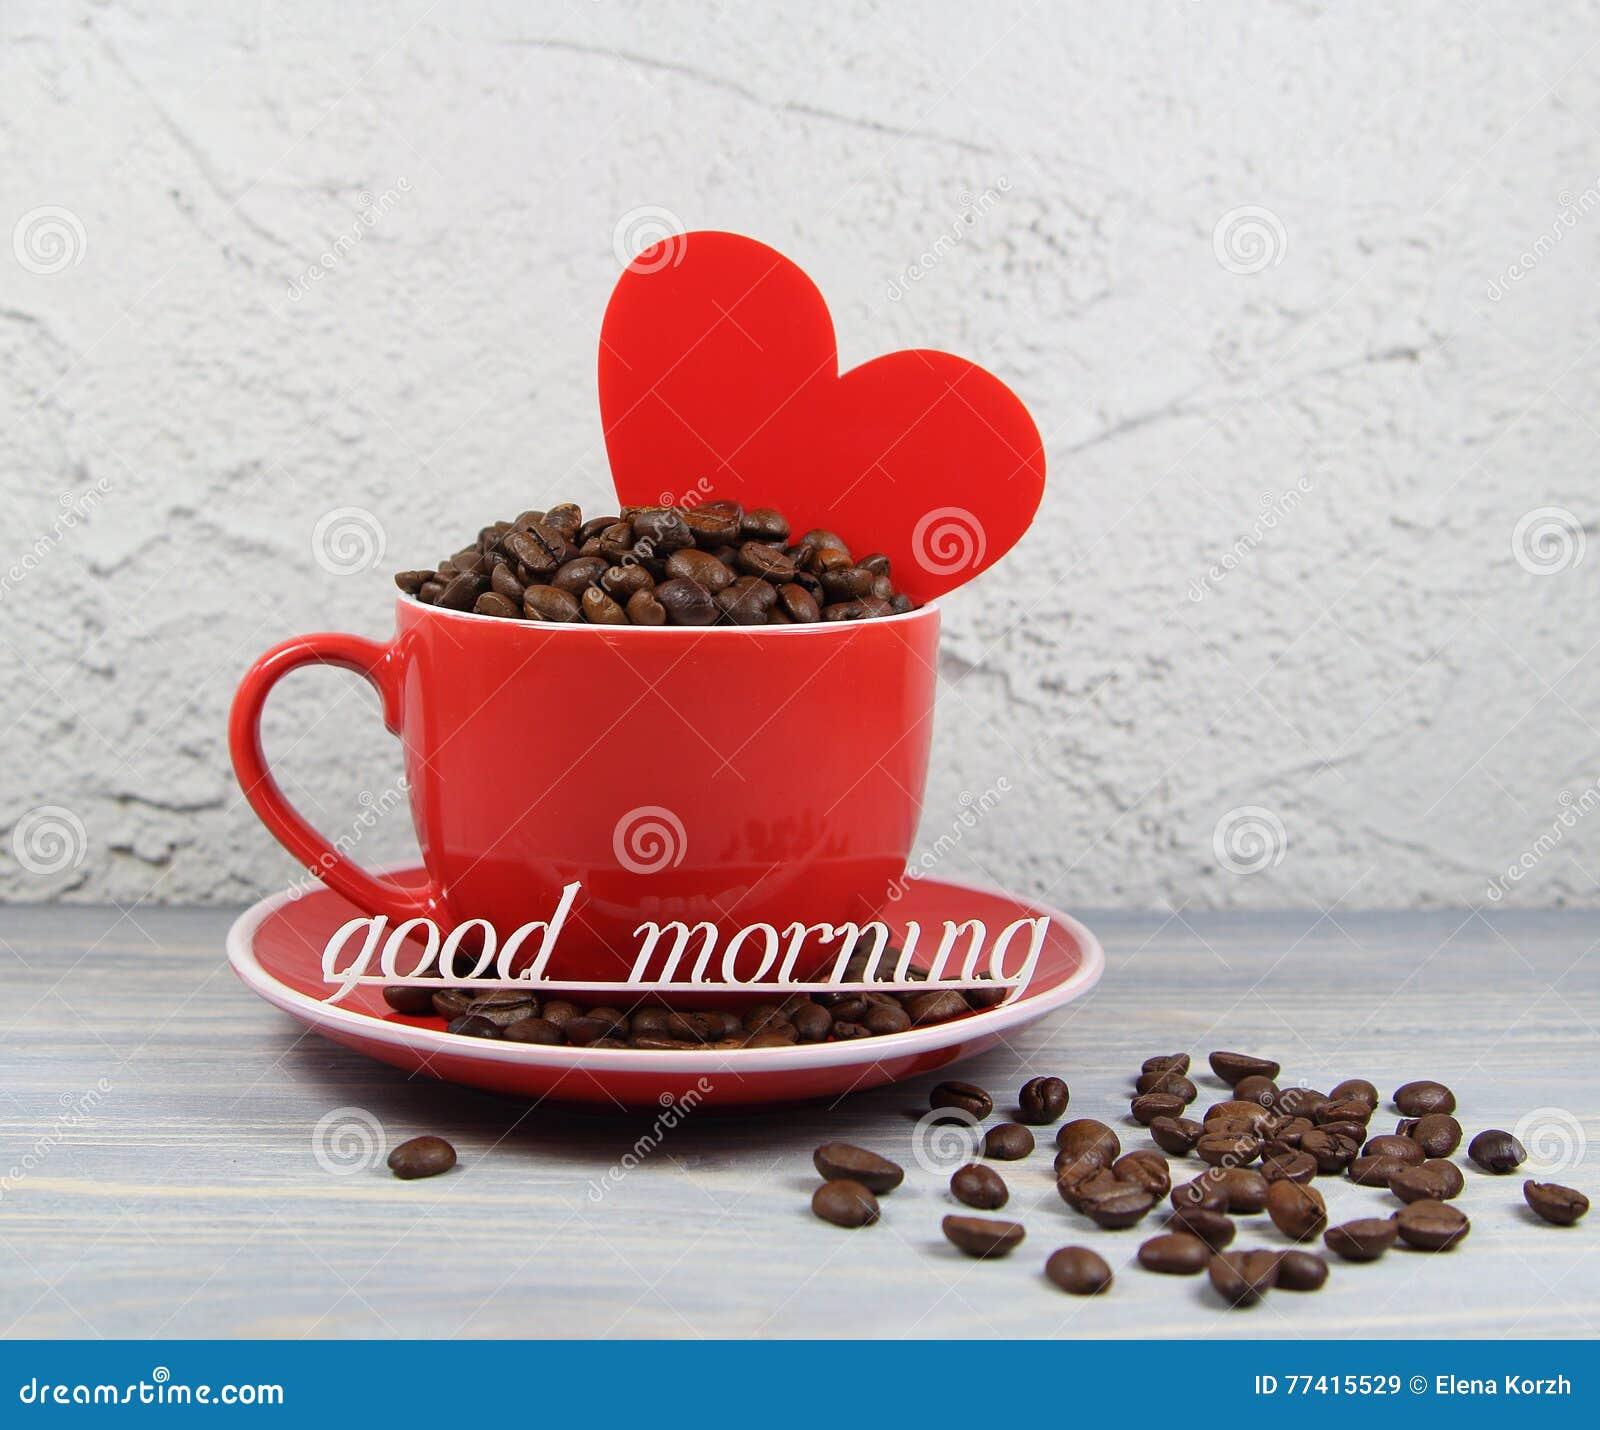 Höhlen Sie Rot Mit Kaffeebohnen Herzen Und Einem Guten